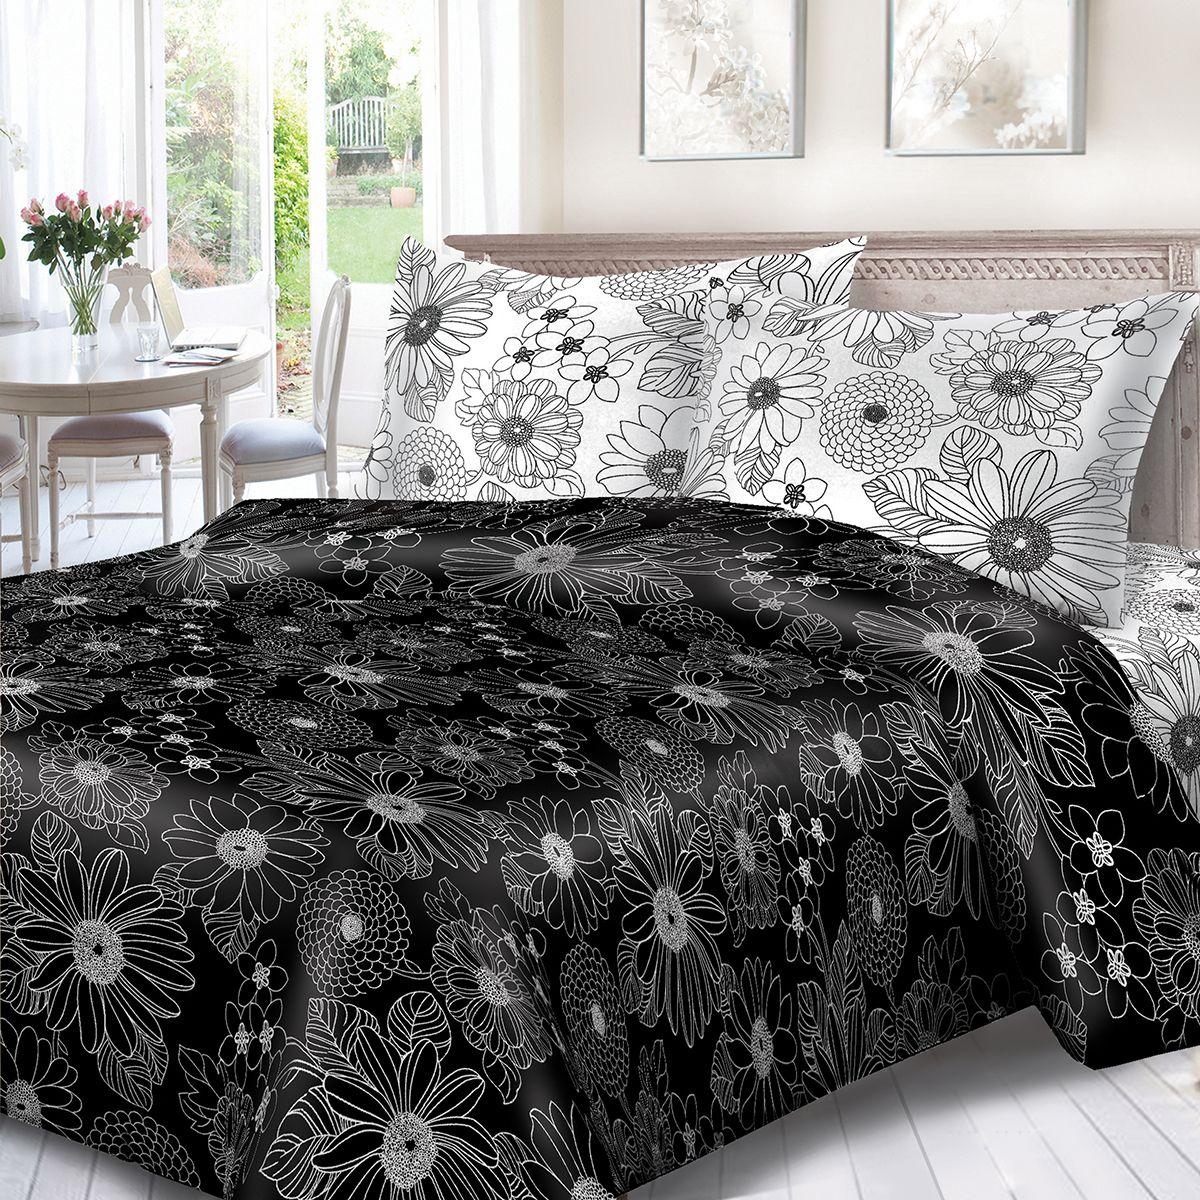 Комплект белья Сорренто День и ночь, семейный, наволочки 70x70, цвет: черный. 1132-189077